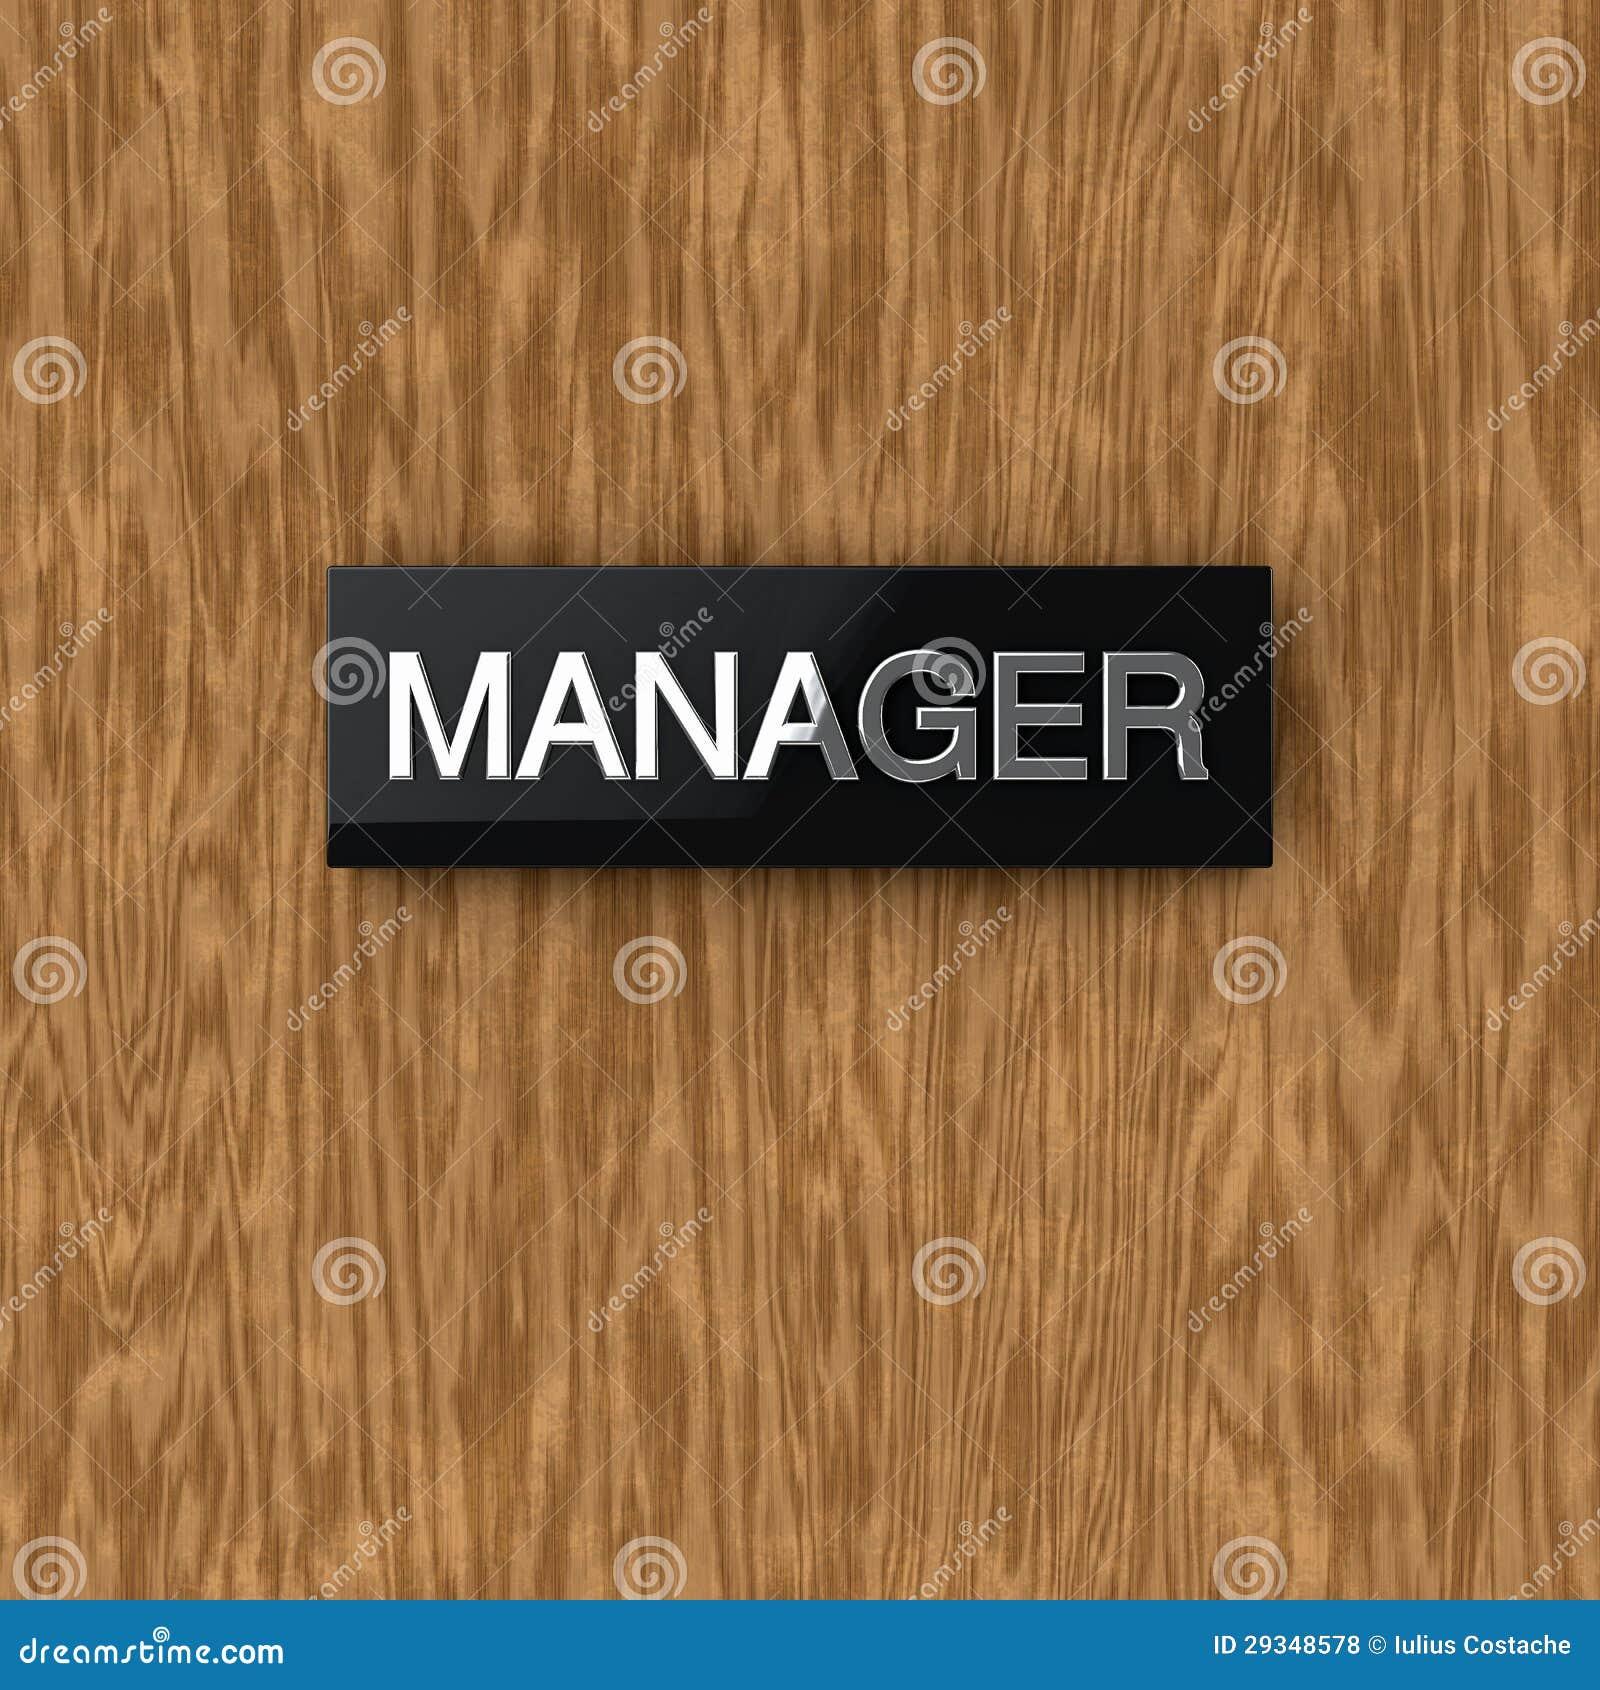 Office Door With Nameplate Stock Image Cartoondealer Com